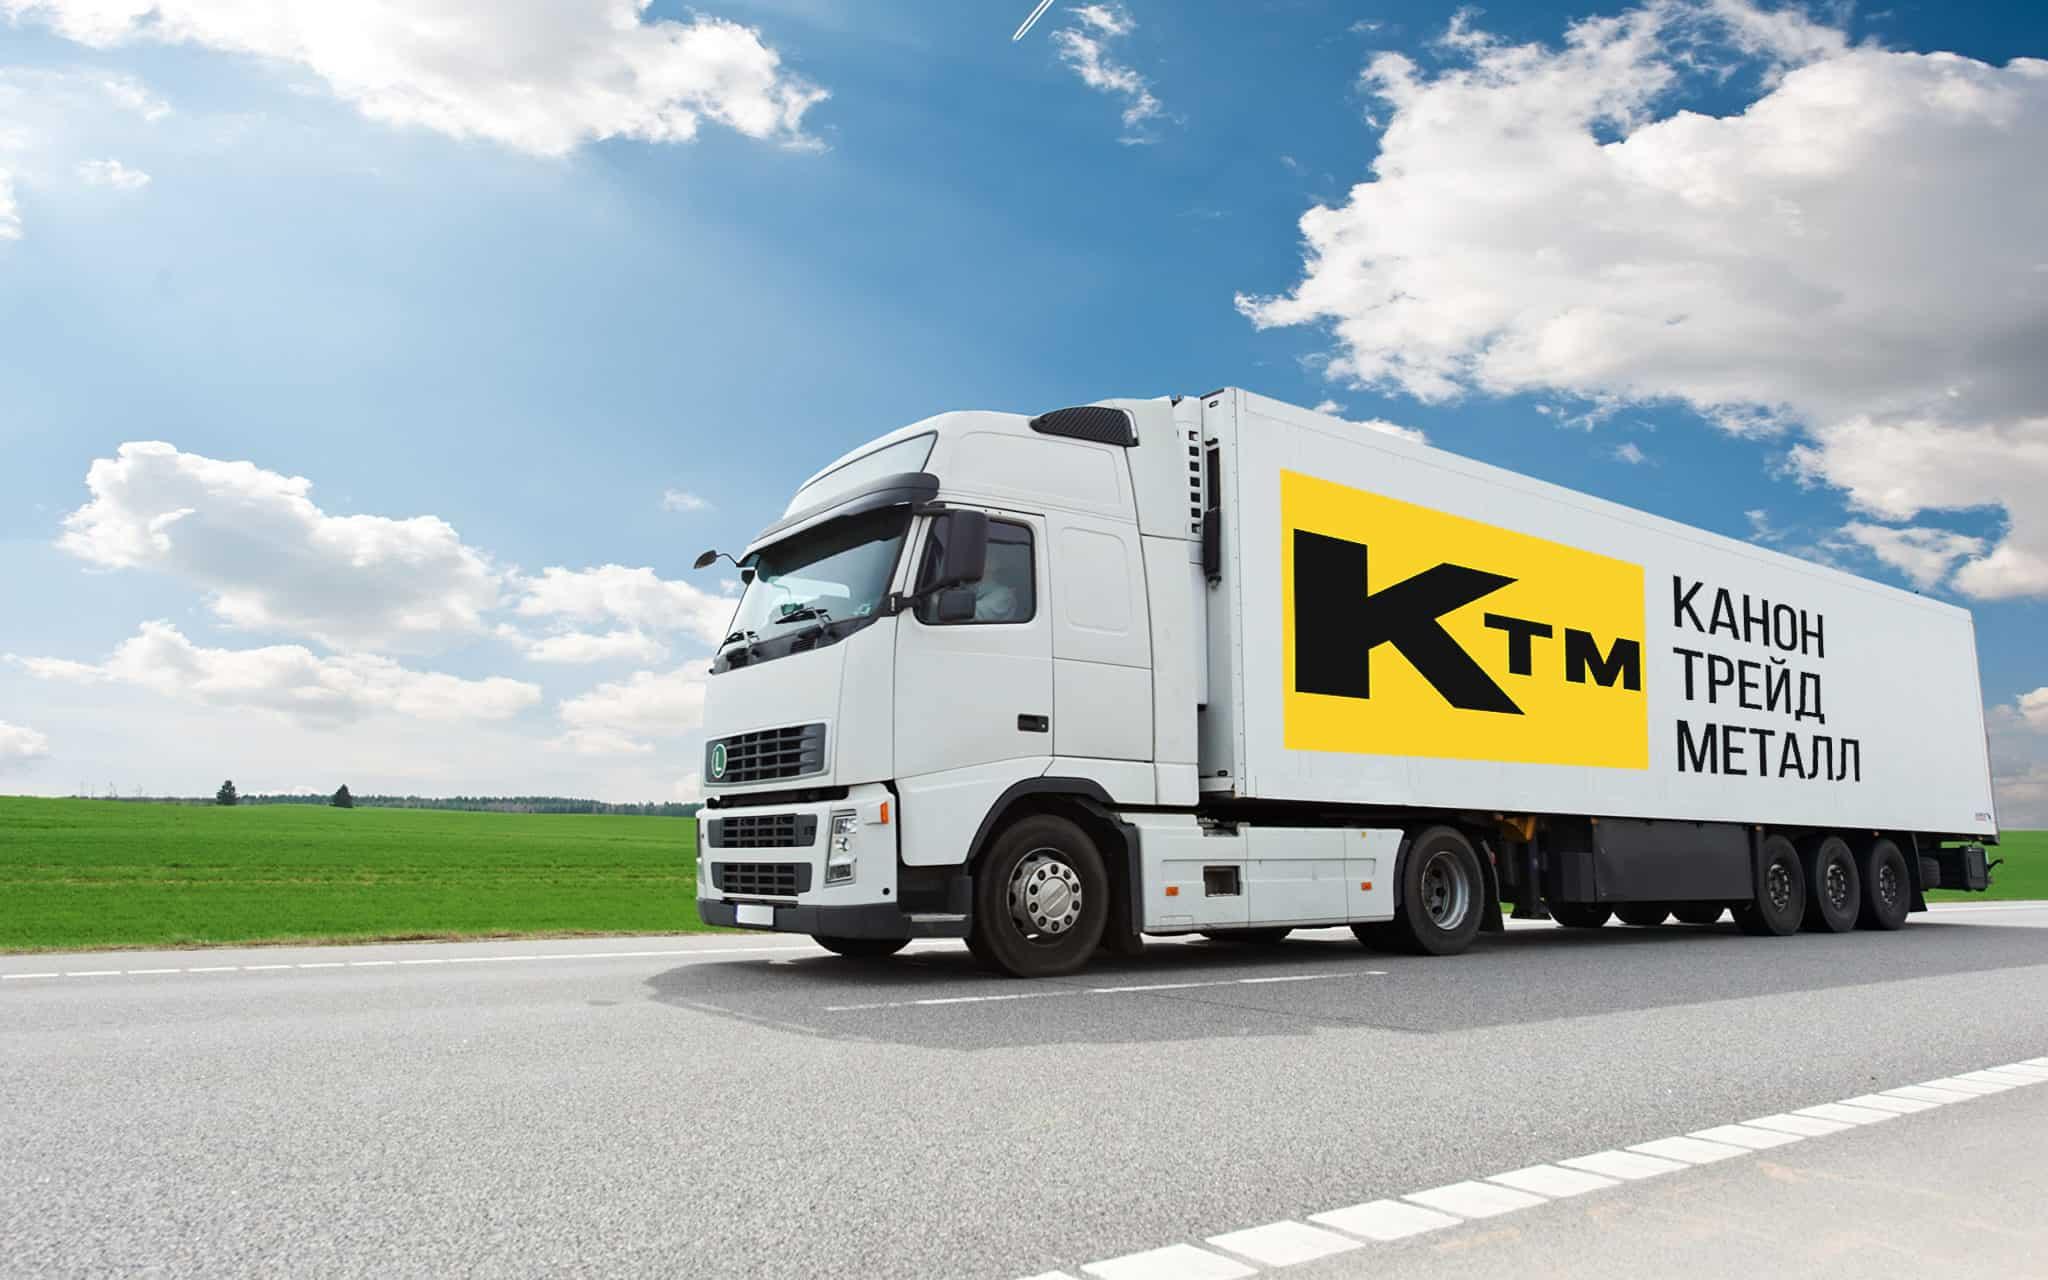 trucks_sky_white_clouds_455510_2560x1600-2048x1280-1